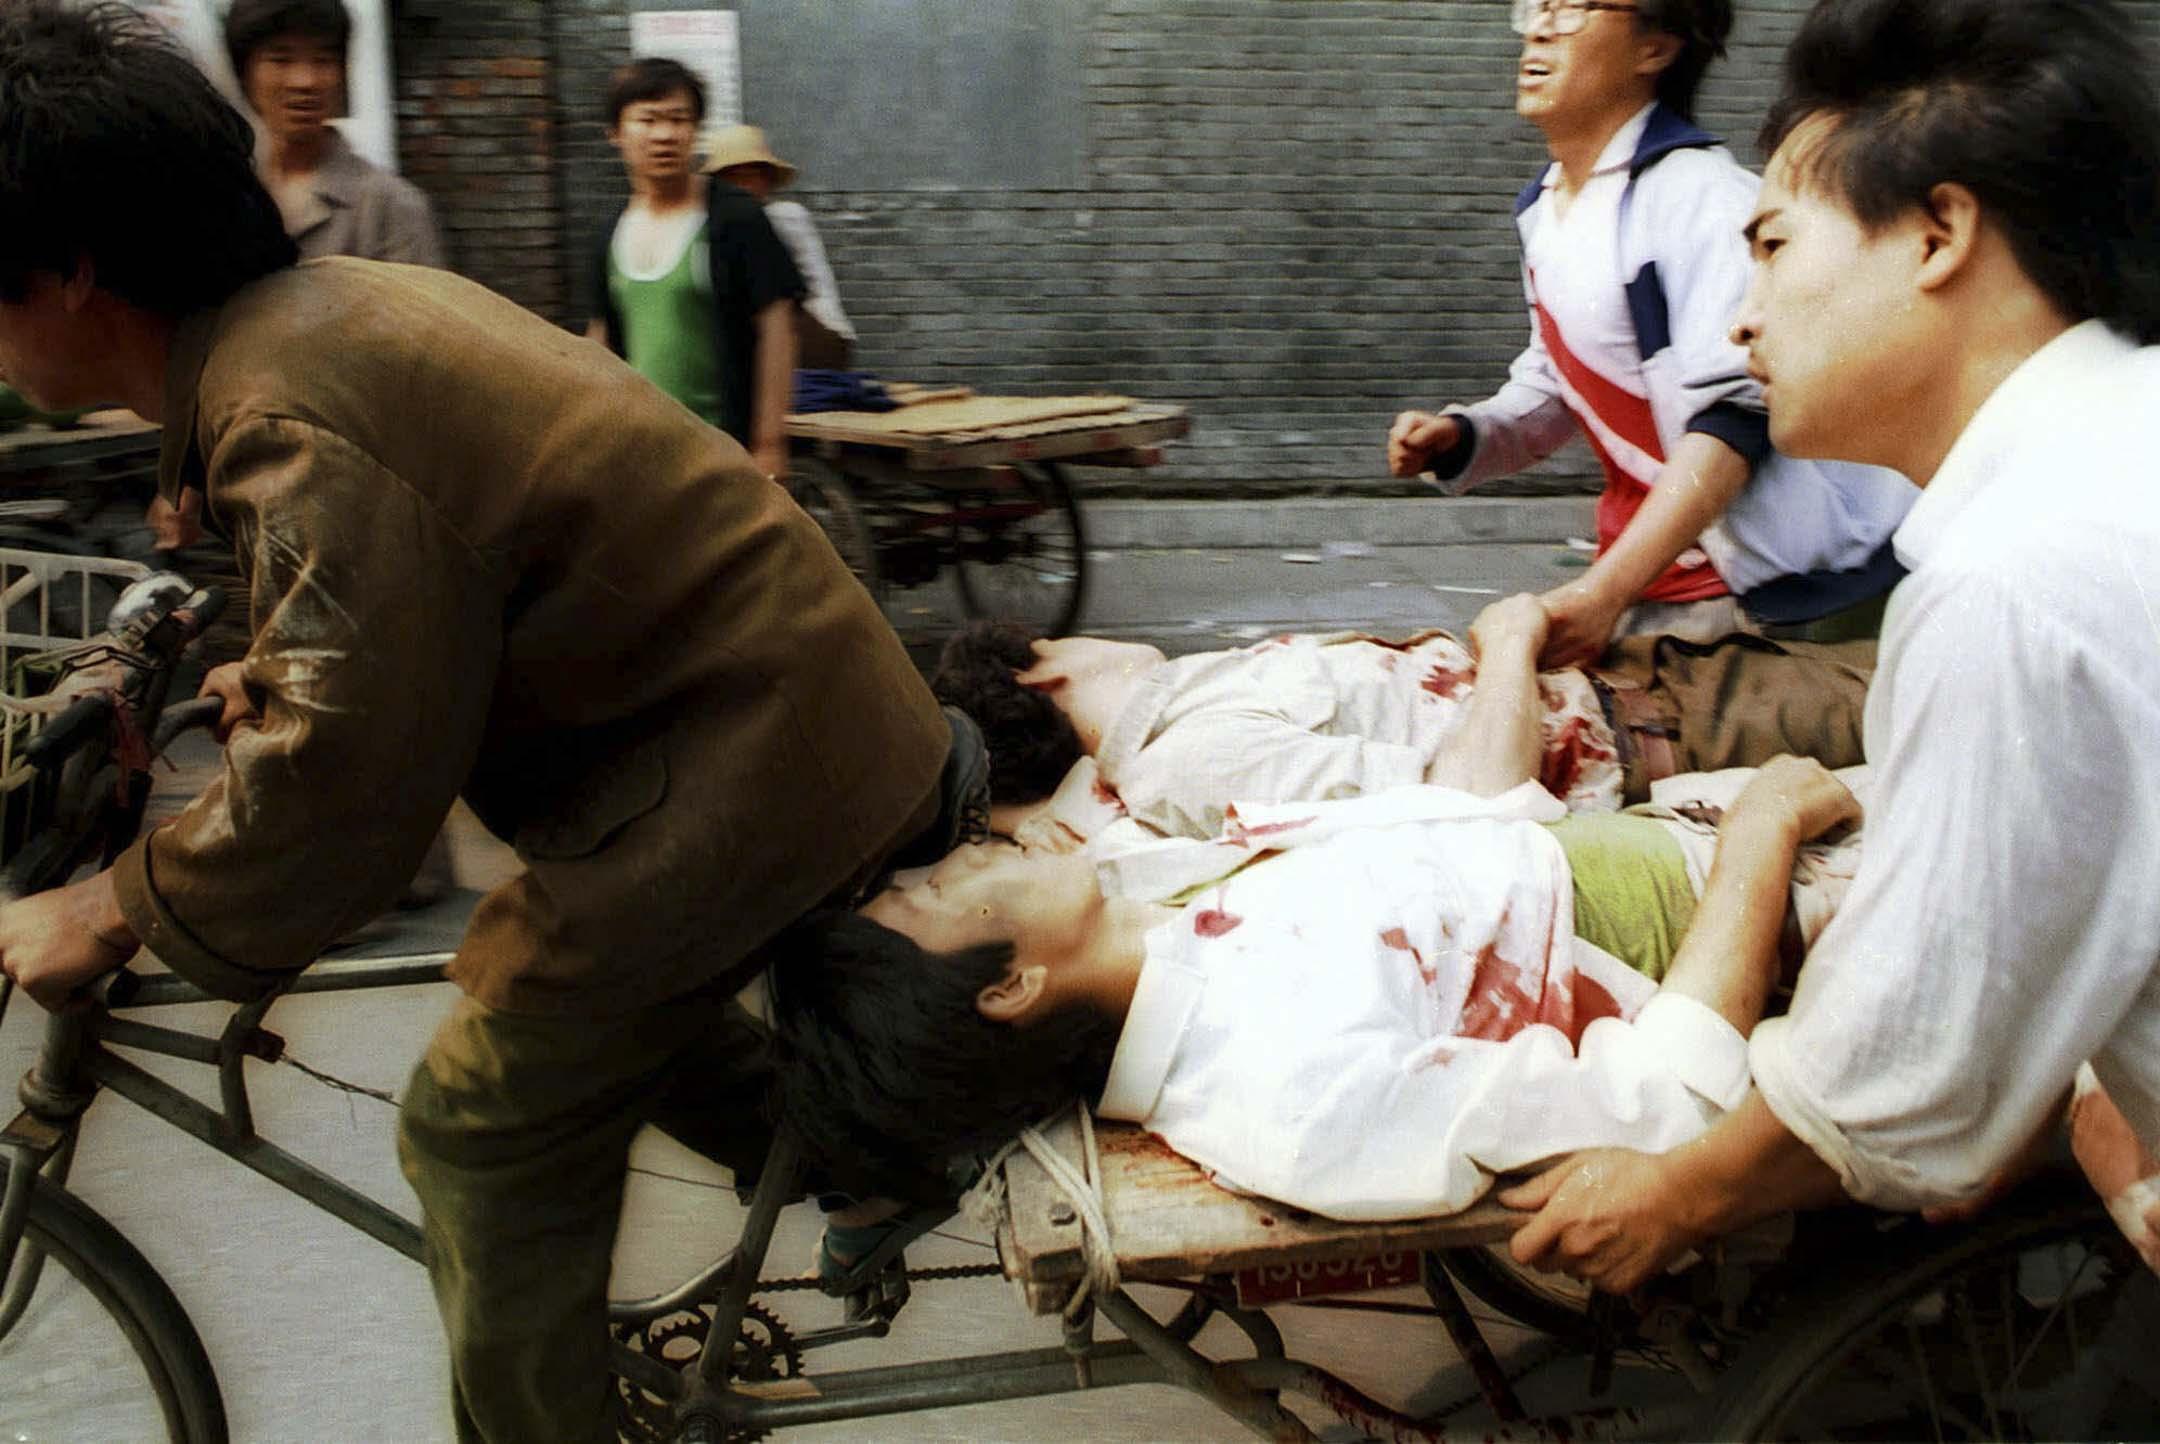 1989年6月4日,人力車司機在旁人的幫助下,將天安門廣場的傷者運送往醫院。 攝:Liu Heung Shing/AP/達志影像